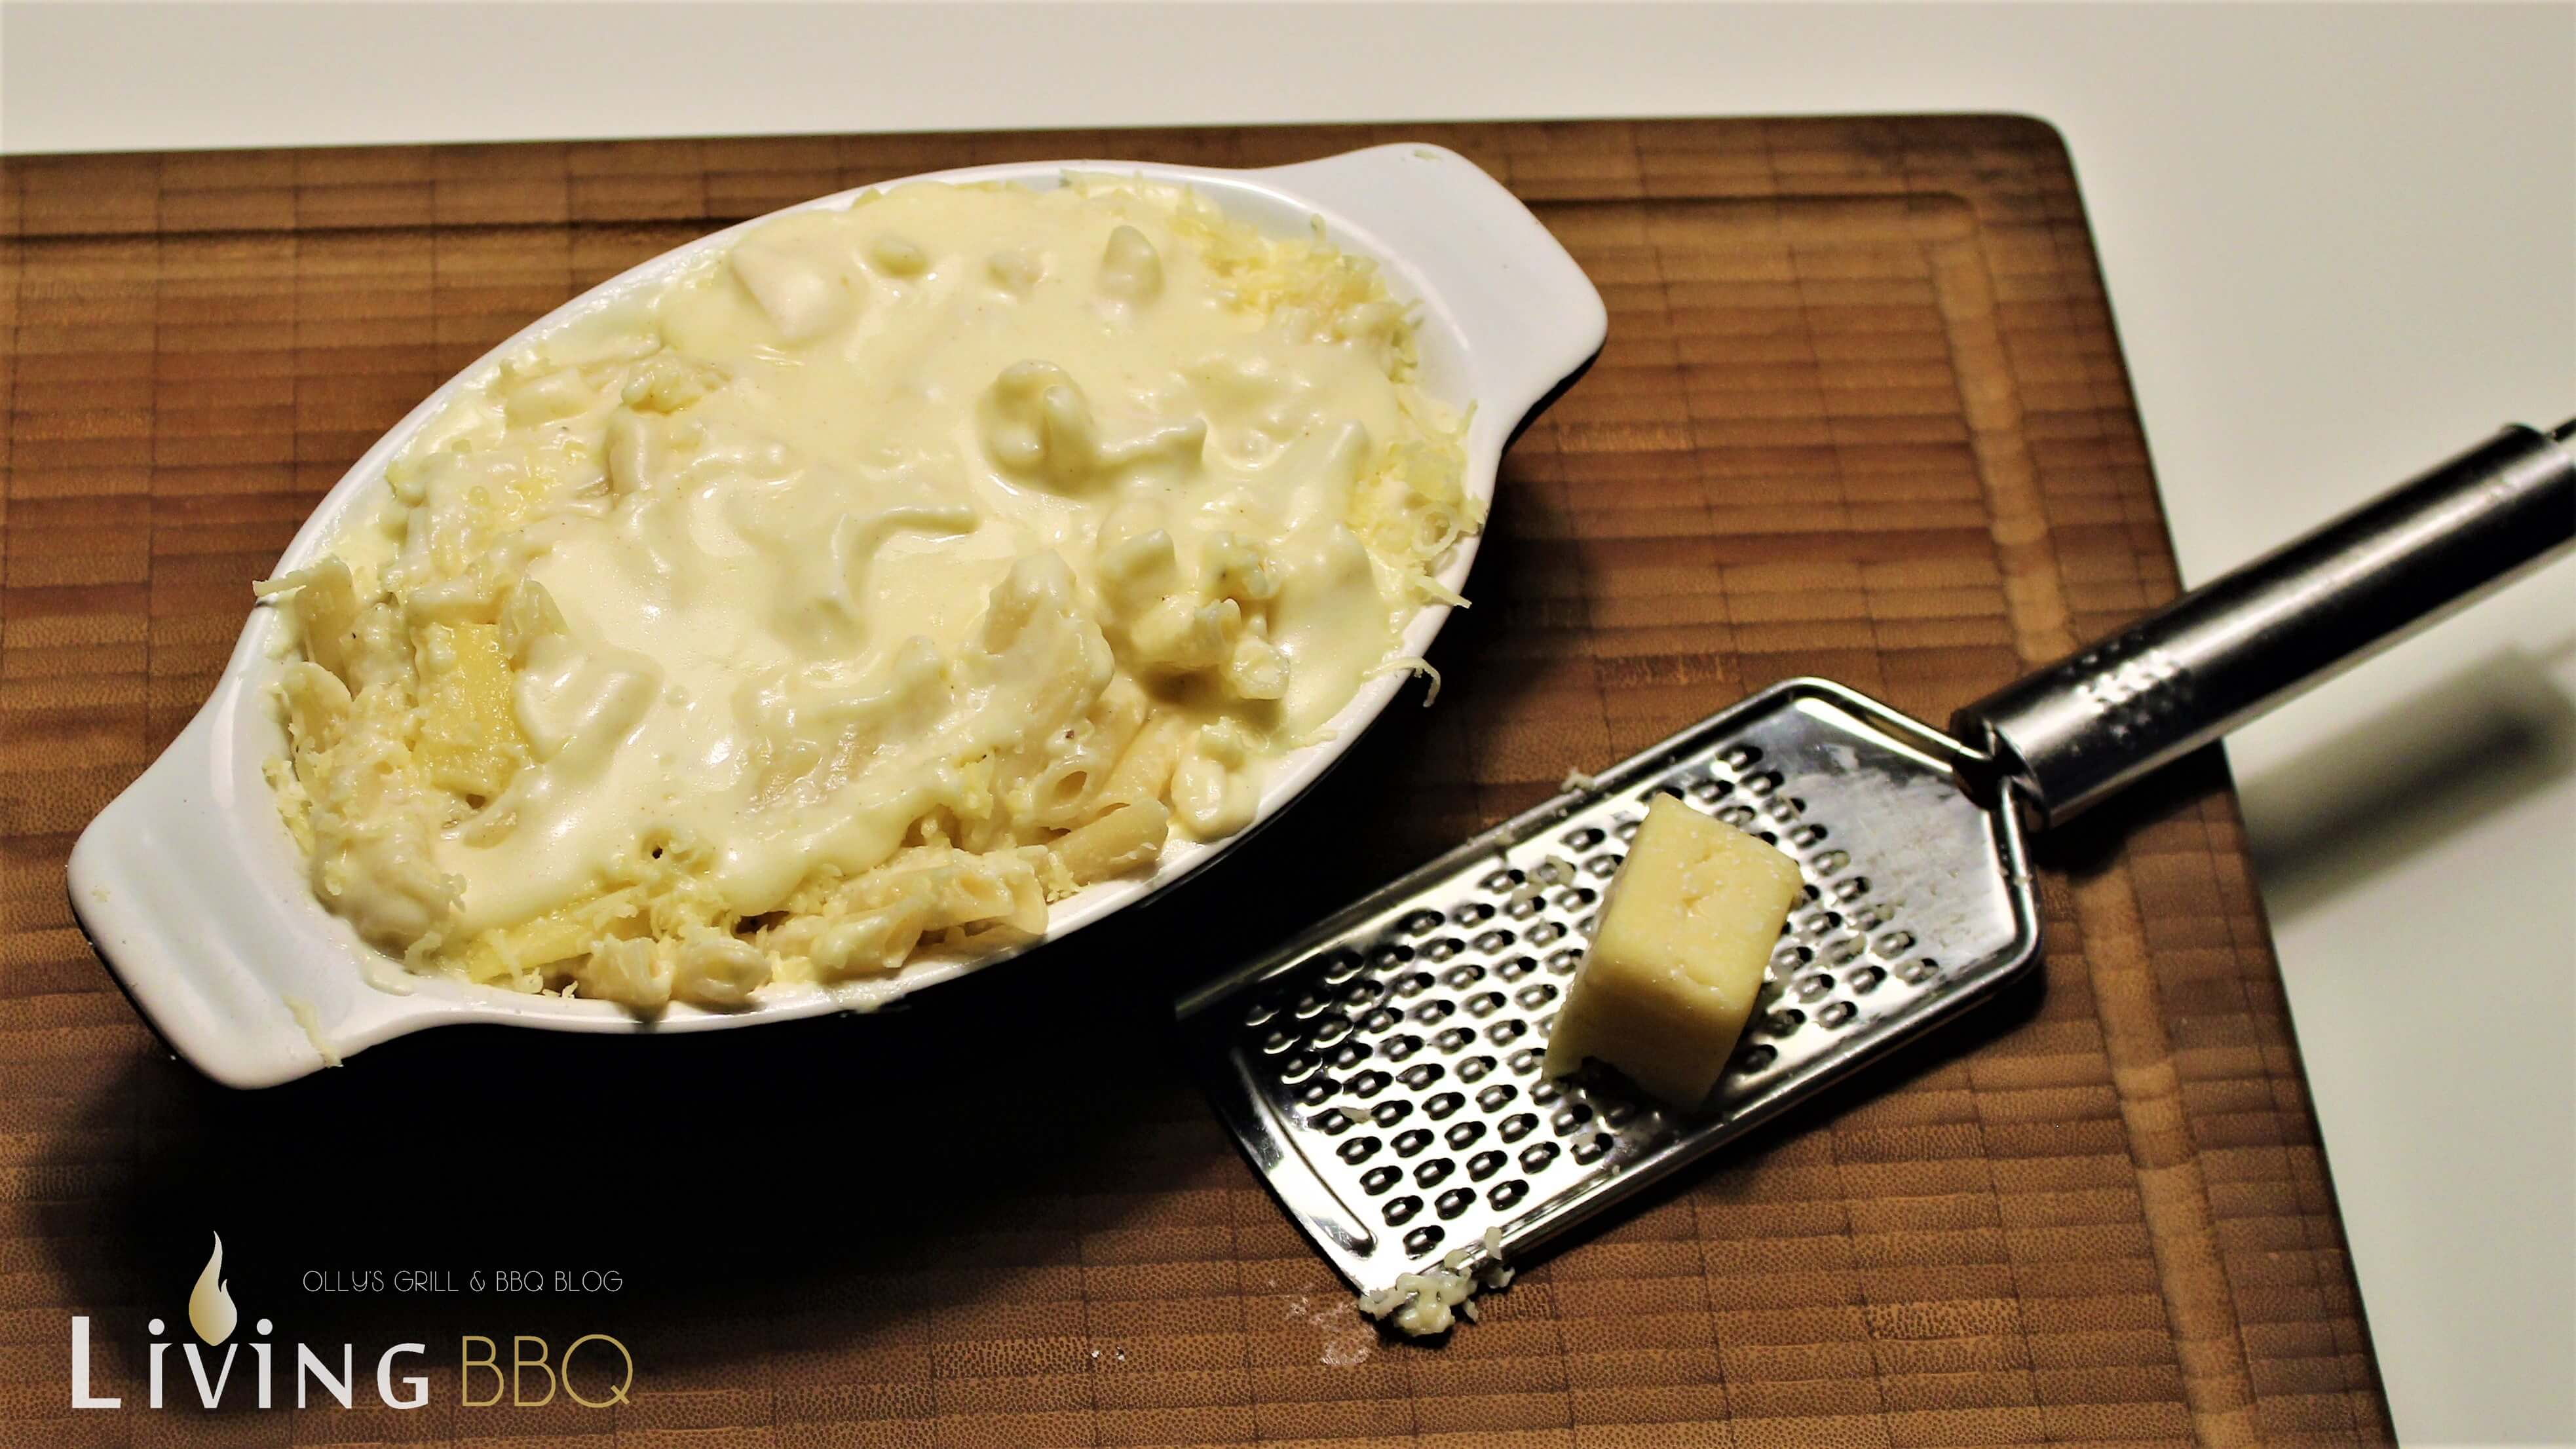 Makkaroni und Käse Mac and Cheese makkaroni mit käse_Makkaroni und K  se zubereiten